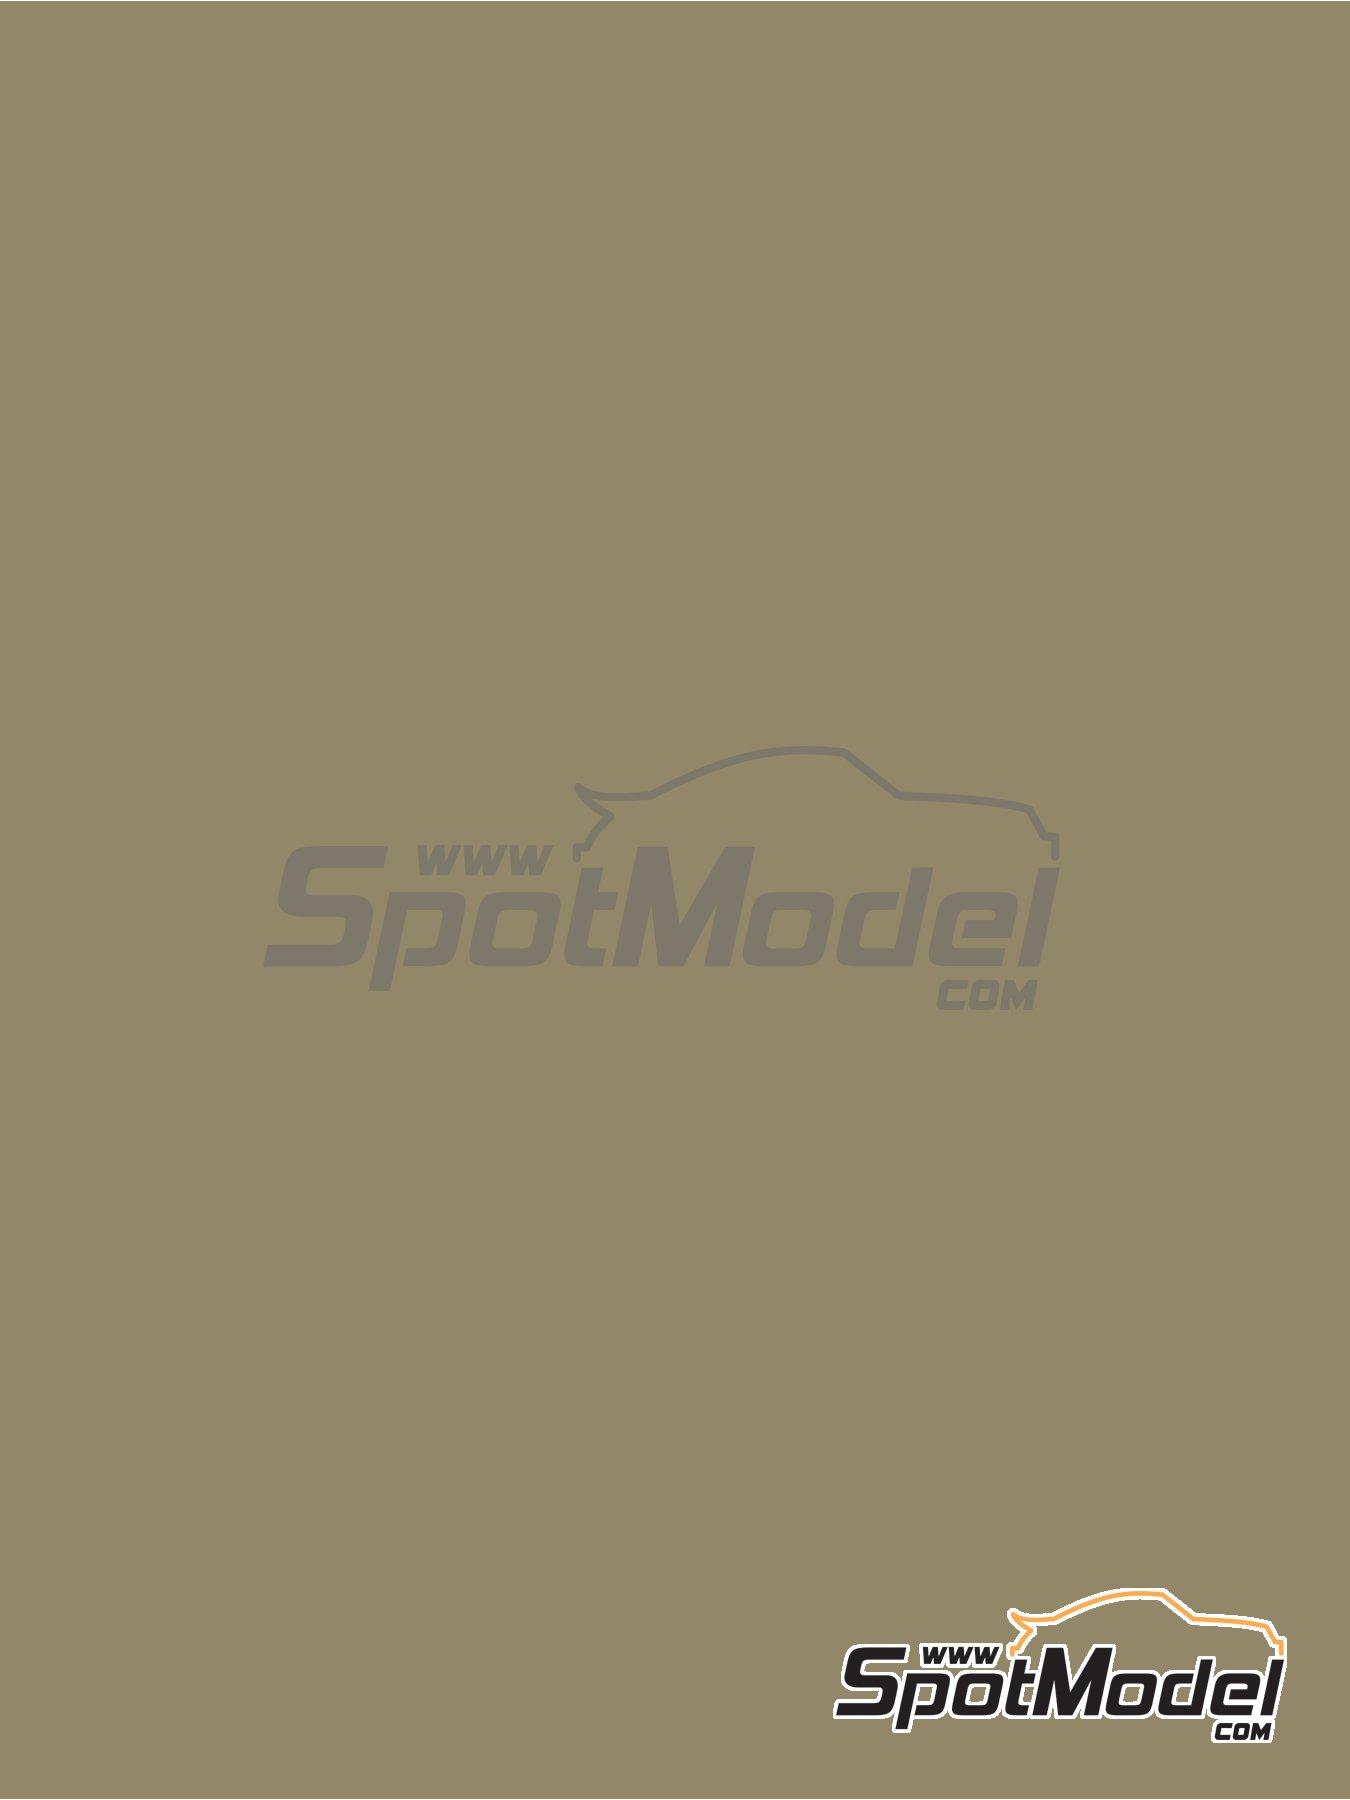 Gris amarillento - RAL7034 - Yellow grey - 1 x 60ml | Pintura fabricado por Zero Paints (ref.ZP-1033-RAL7034) image